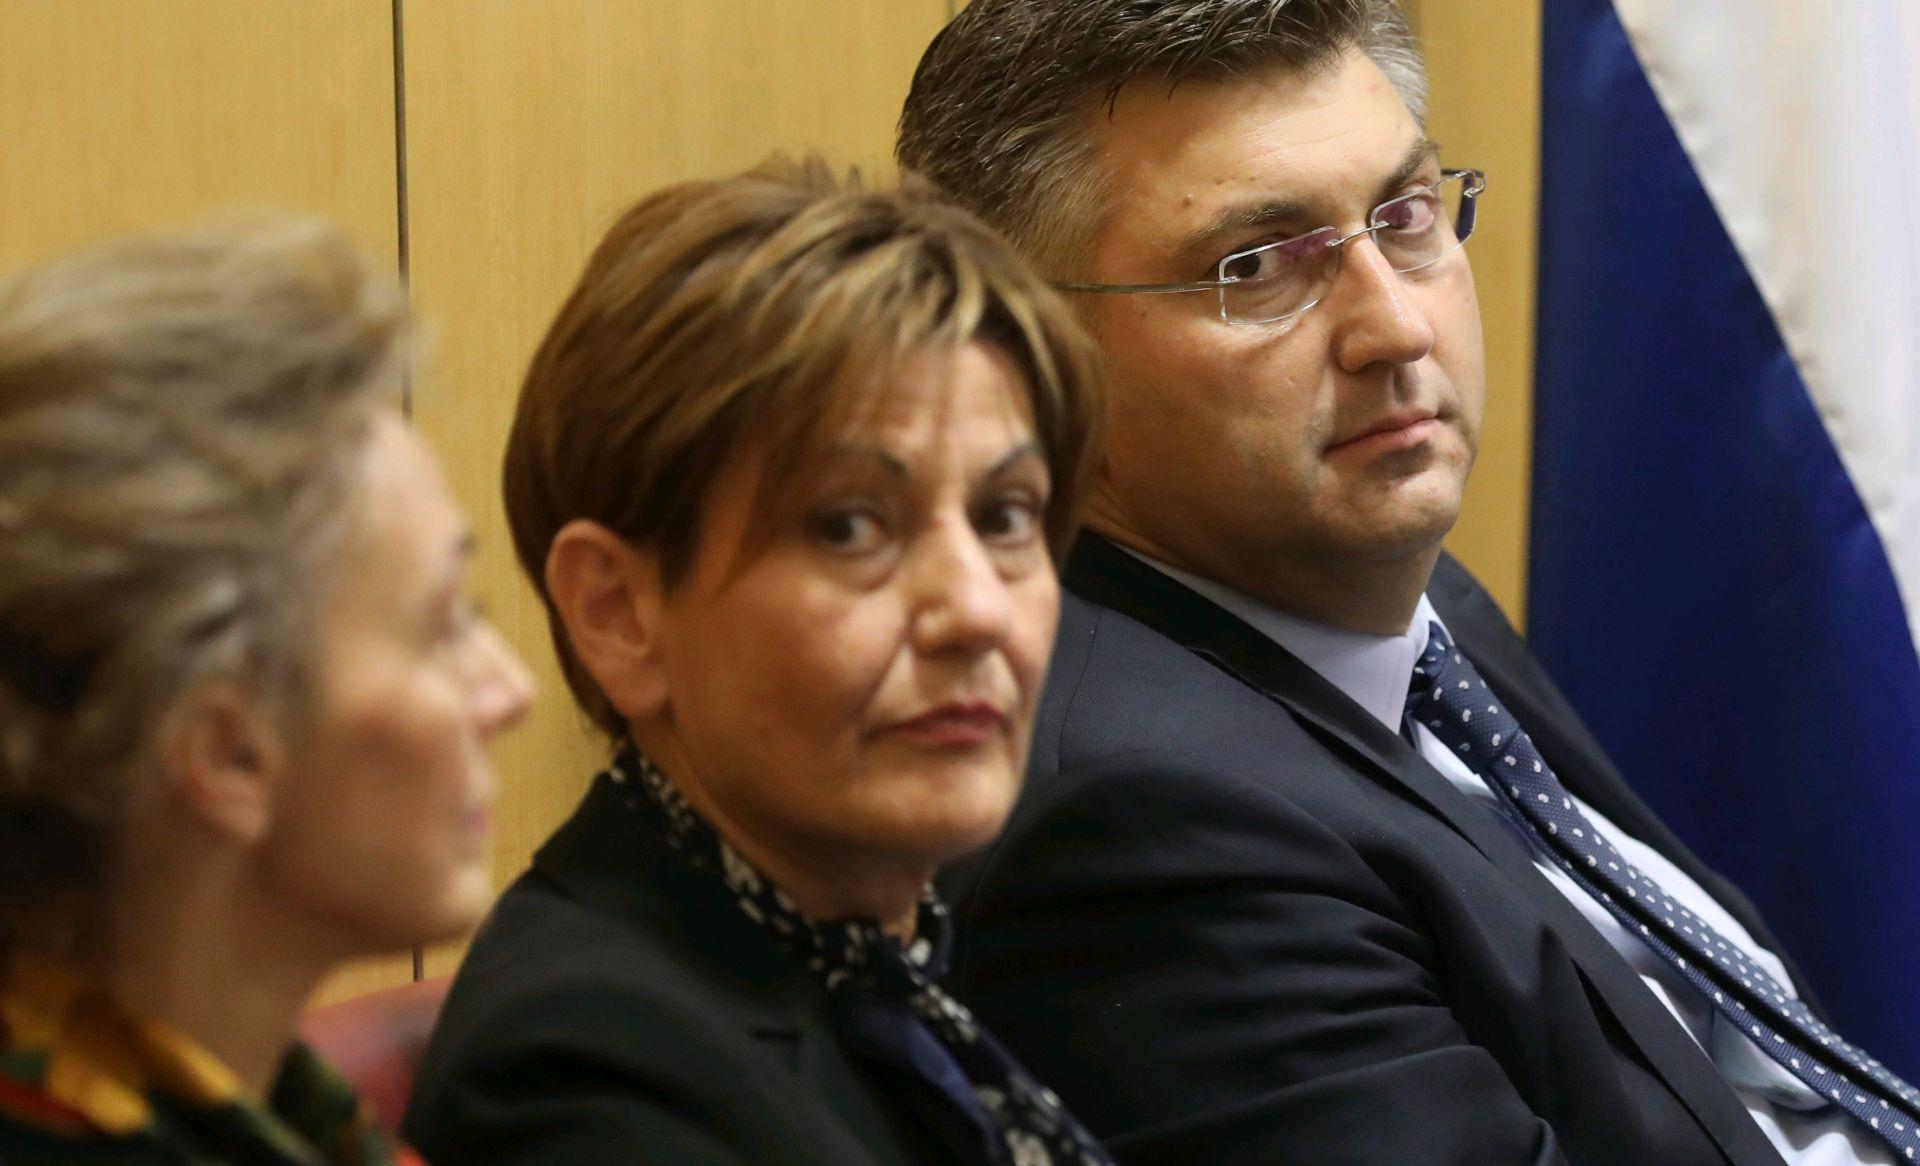 INICIJATIVA 'NE DAJ SE, CETINO' Otvoreno pismo ministrici Dalić